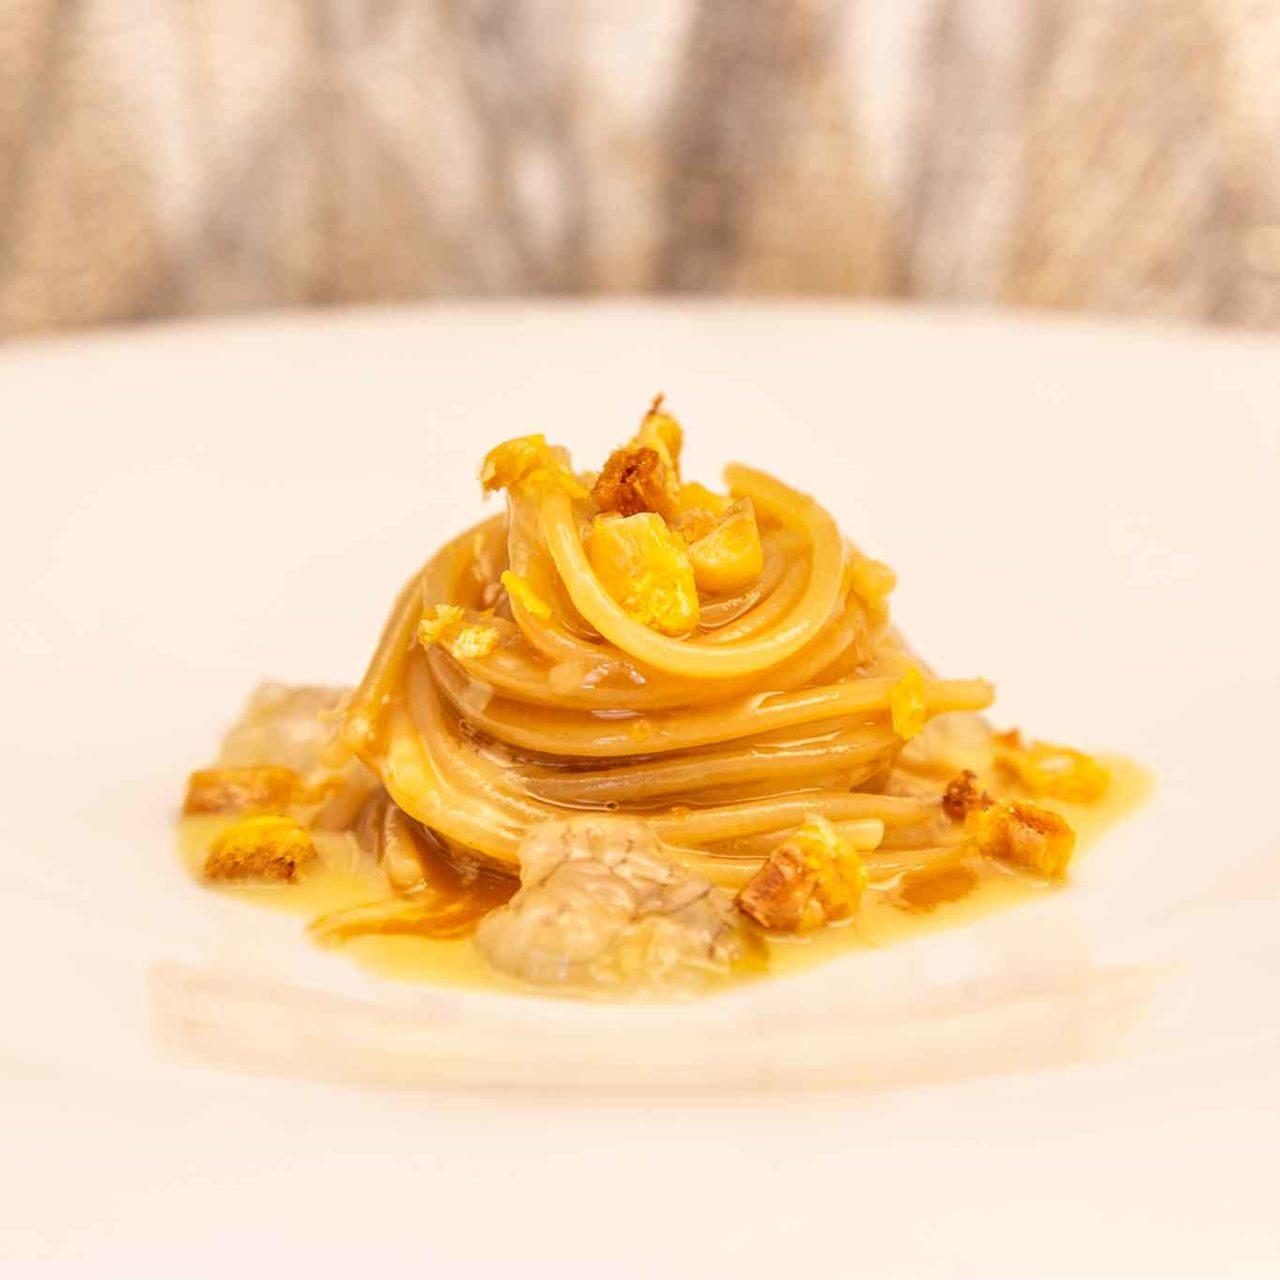 spaghetto pannocchie antonio biafora hyle